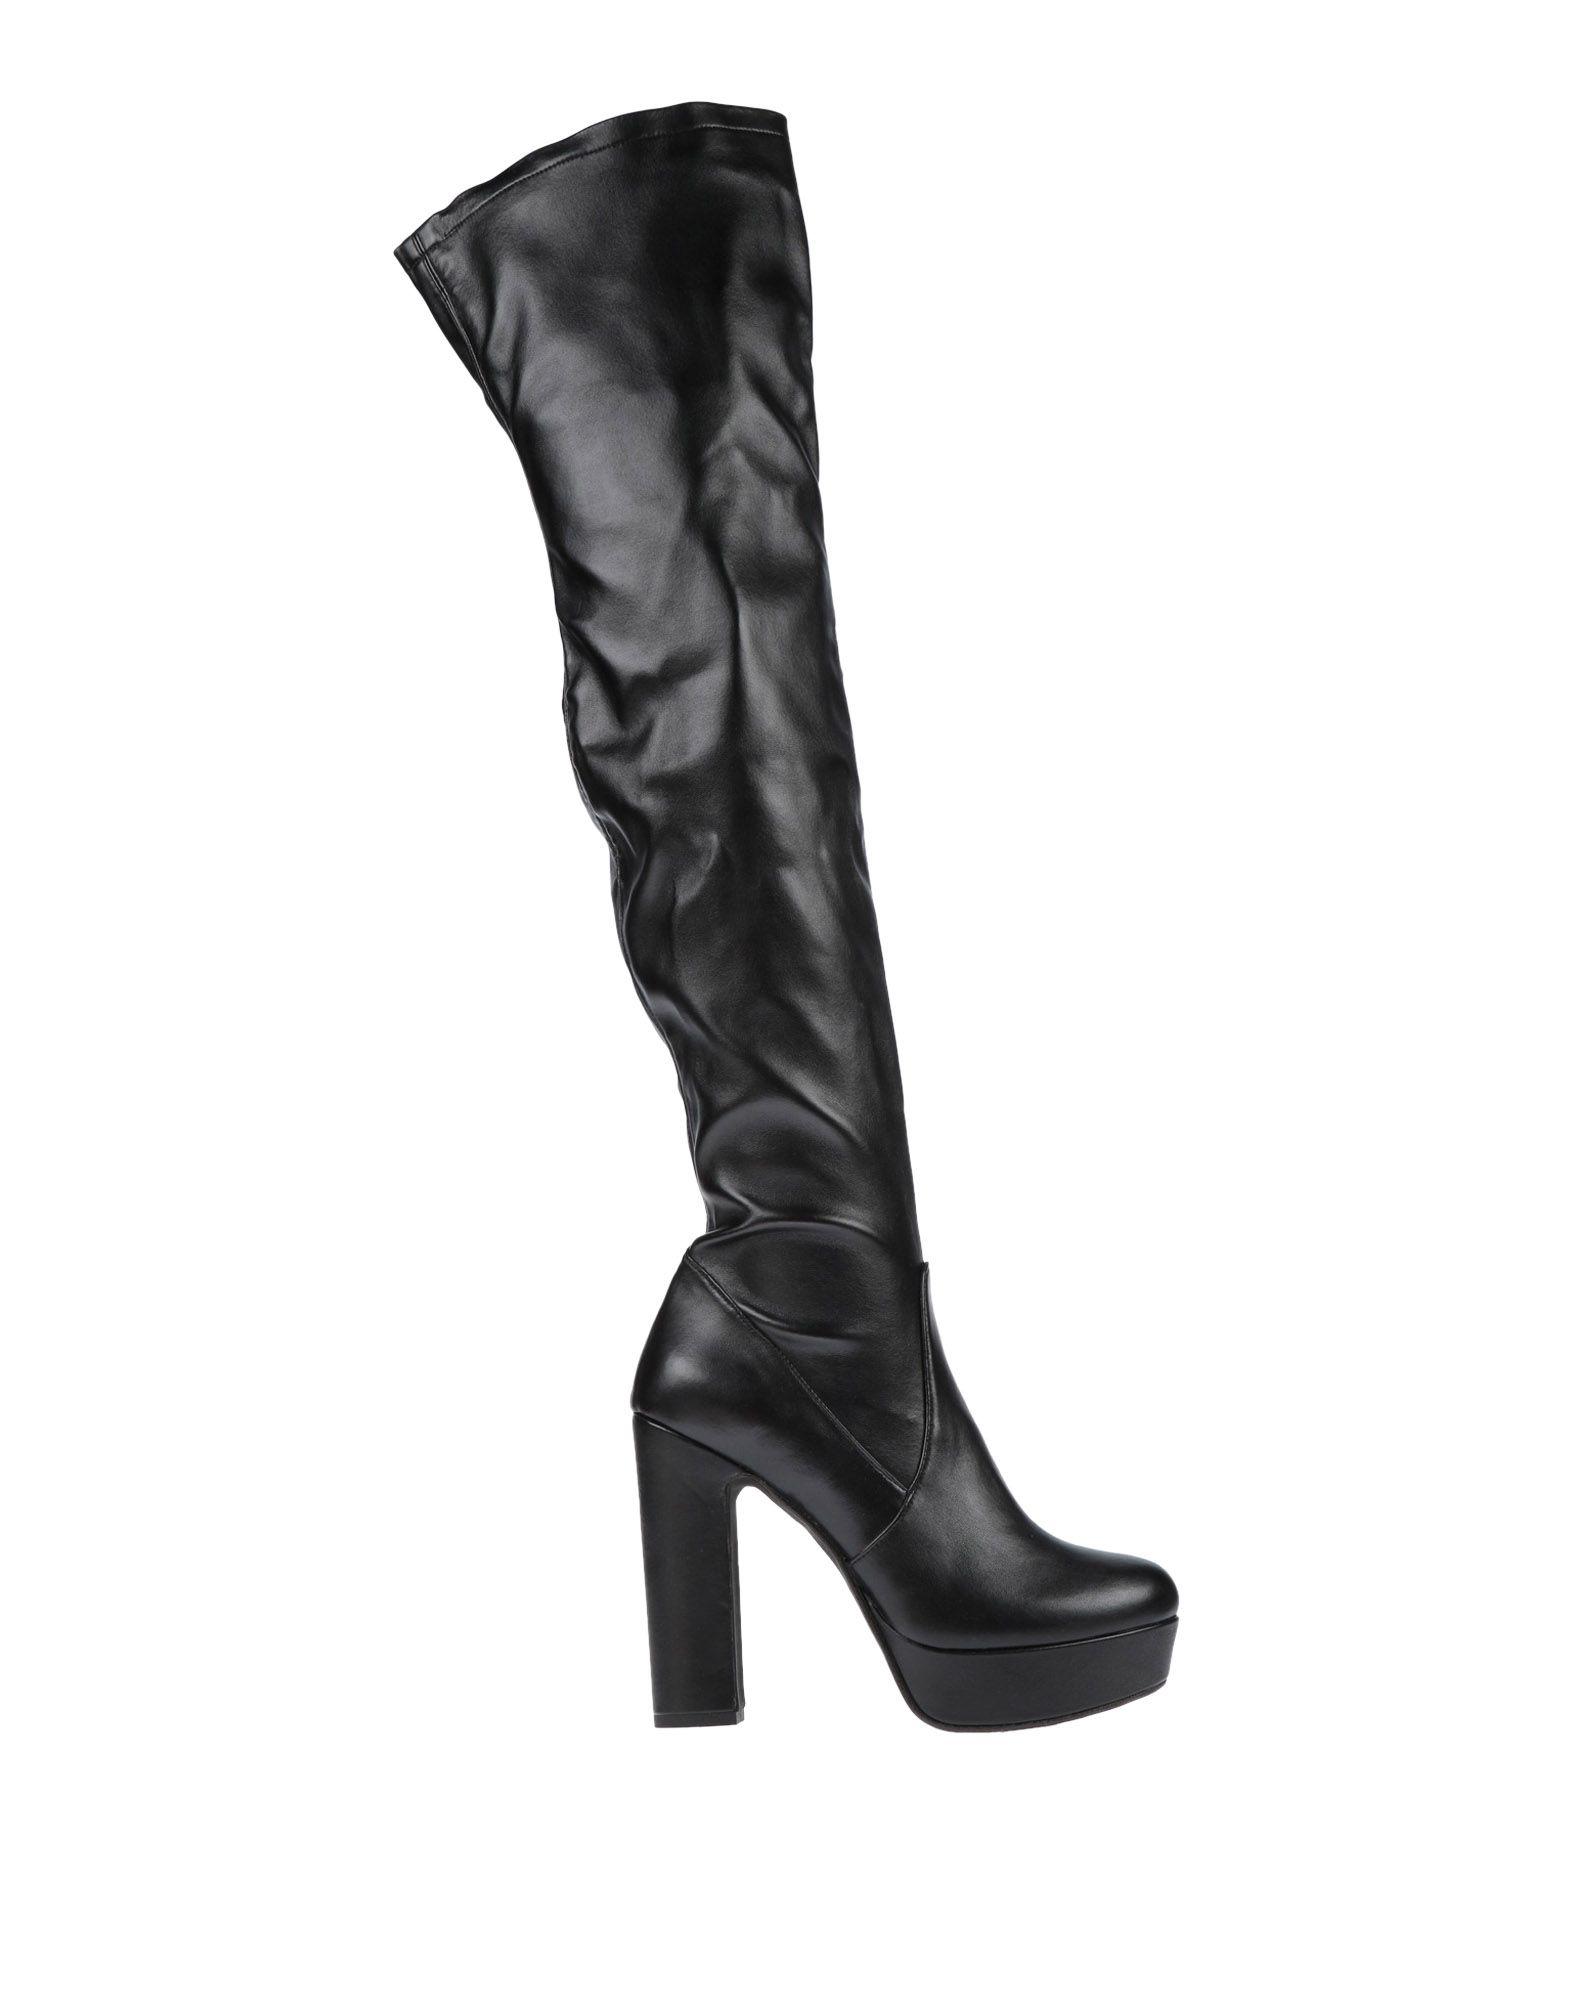 Tattoo Stiefel Damen  11538072RR Gute Qualität beliebte Schuhe